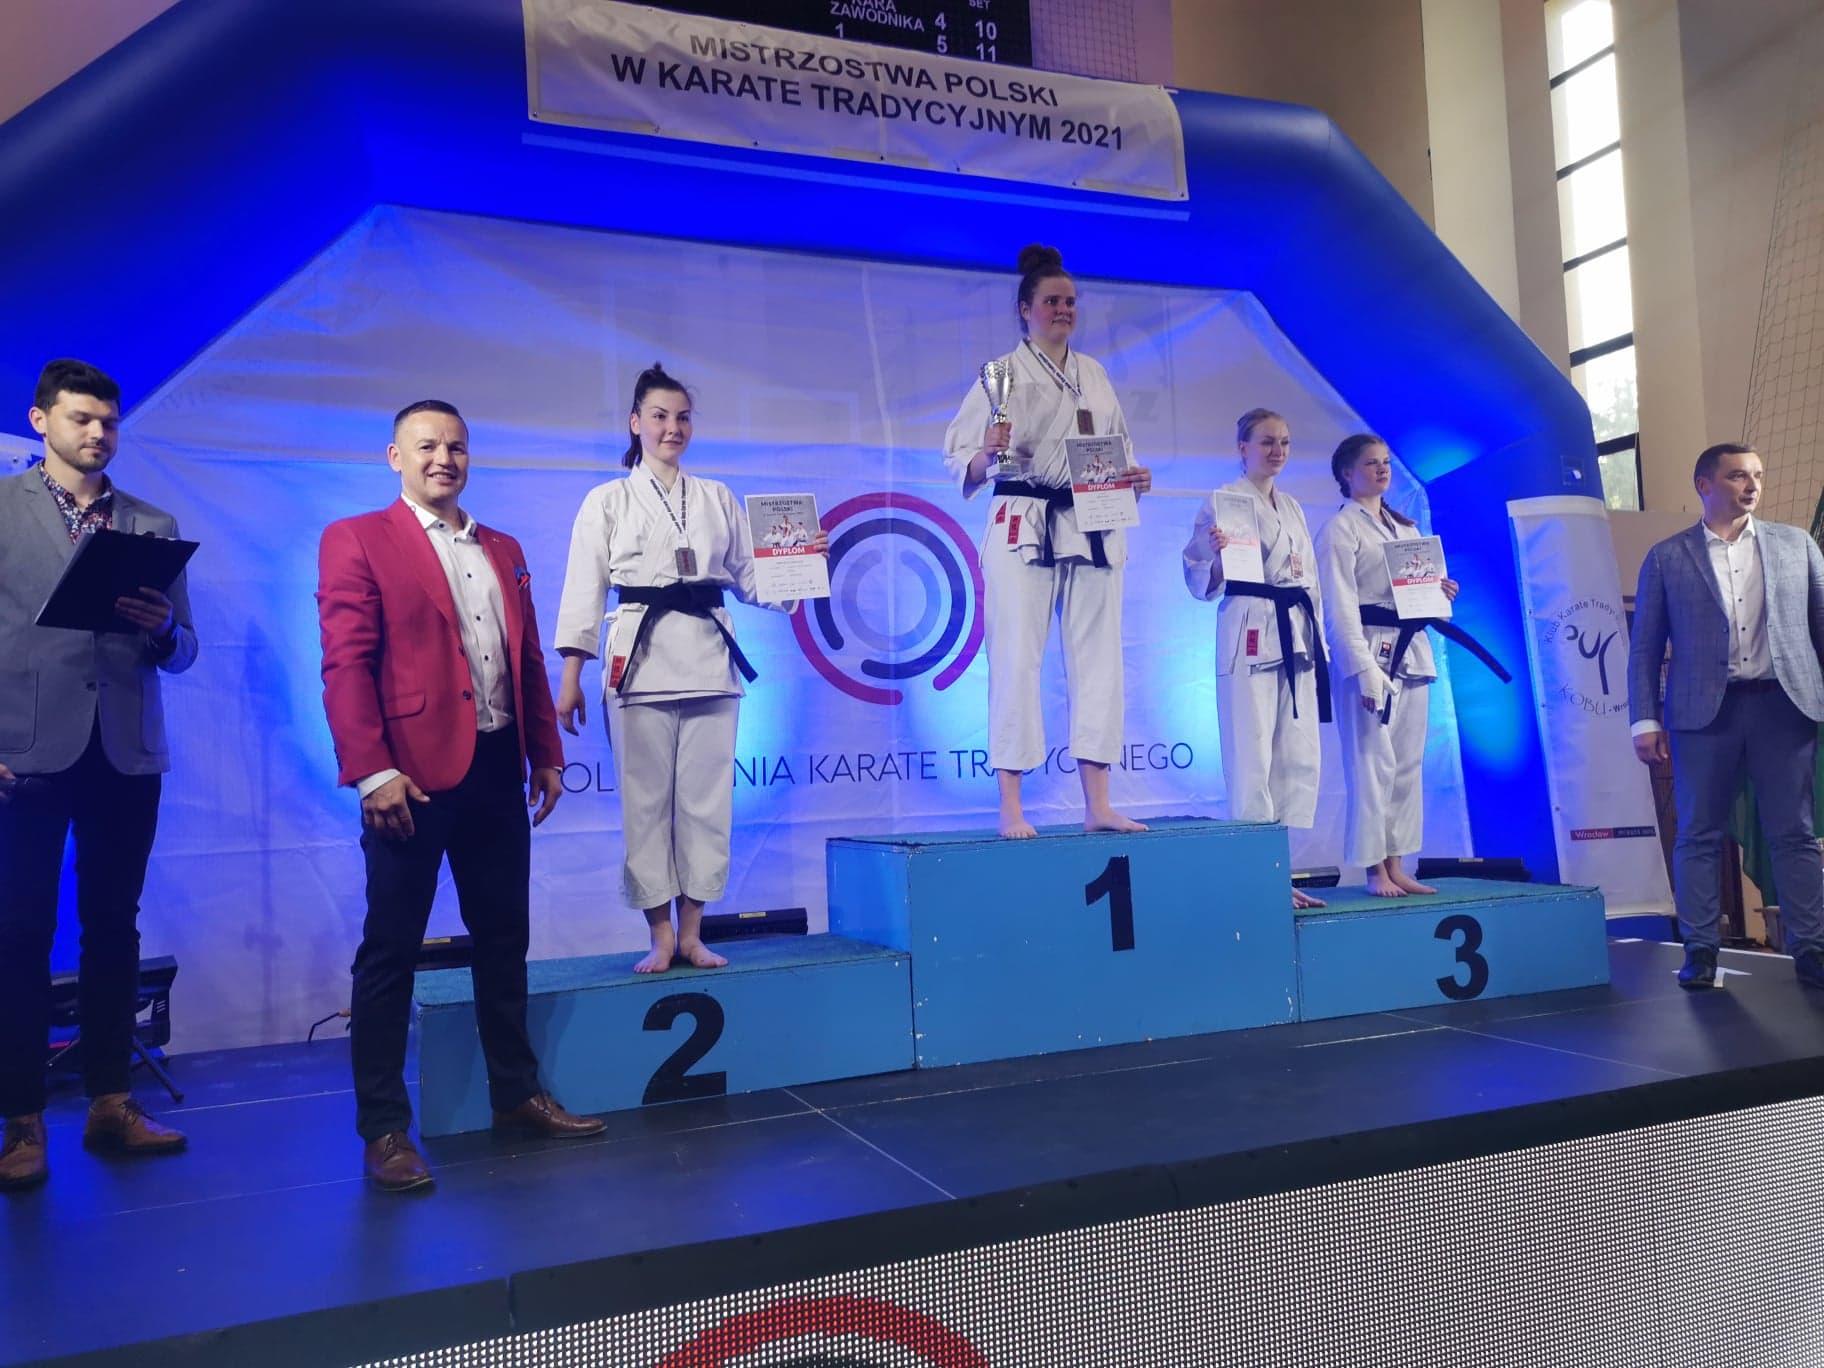 mp wroclaw m2 wioleta szerafin Karatecy Zamojskiego Klubu Karate Tradycyjnego w Zamościu na podium Mistrzostw Polski! [ZDJĘCIA]